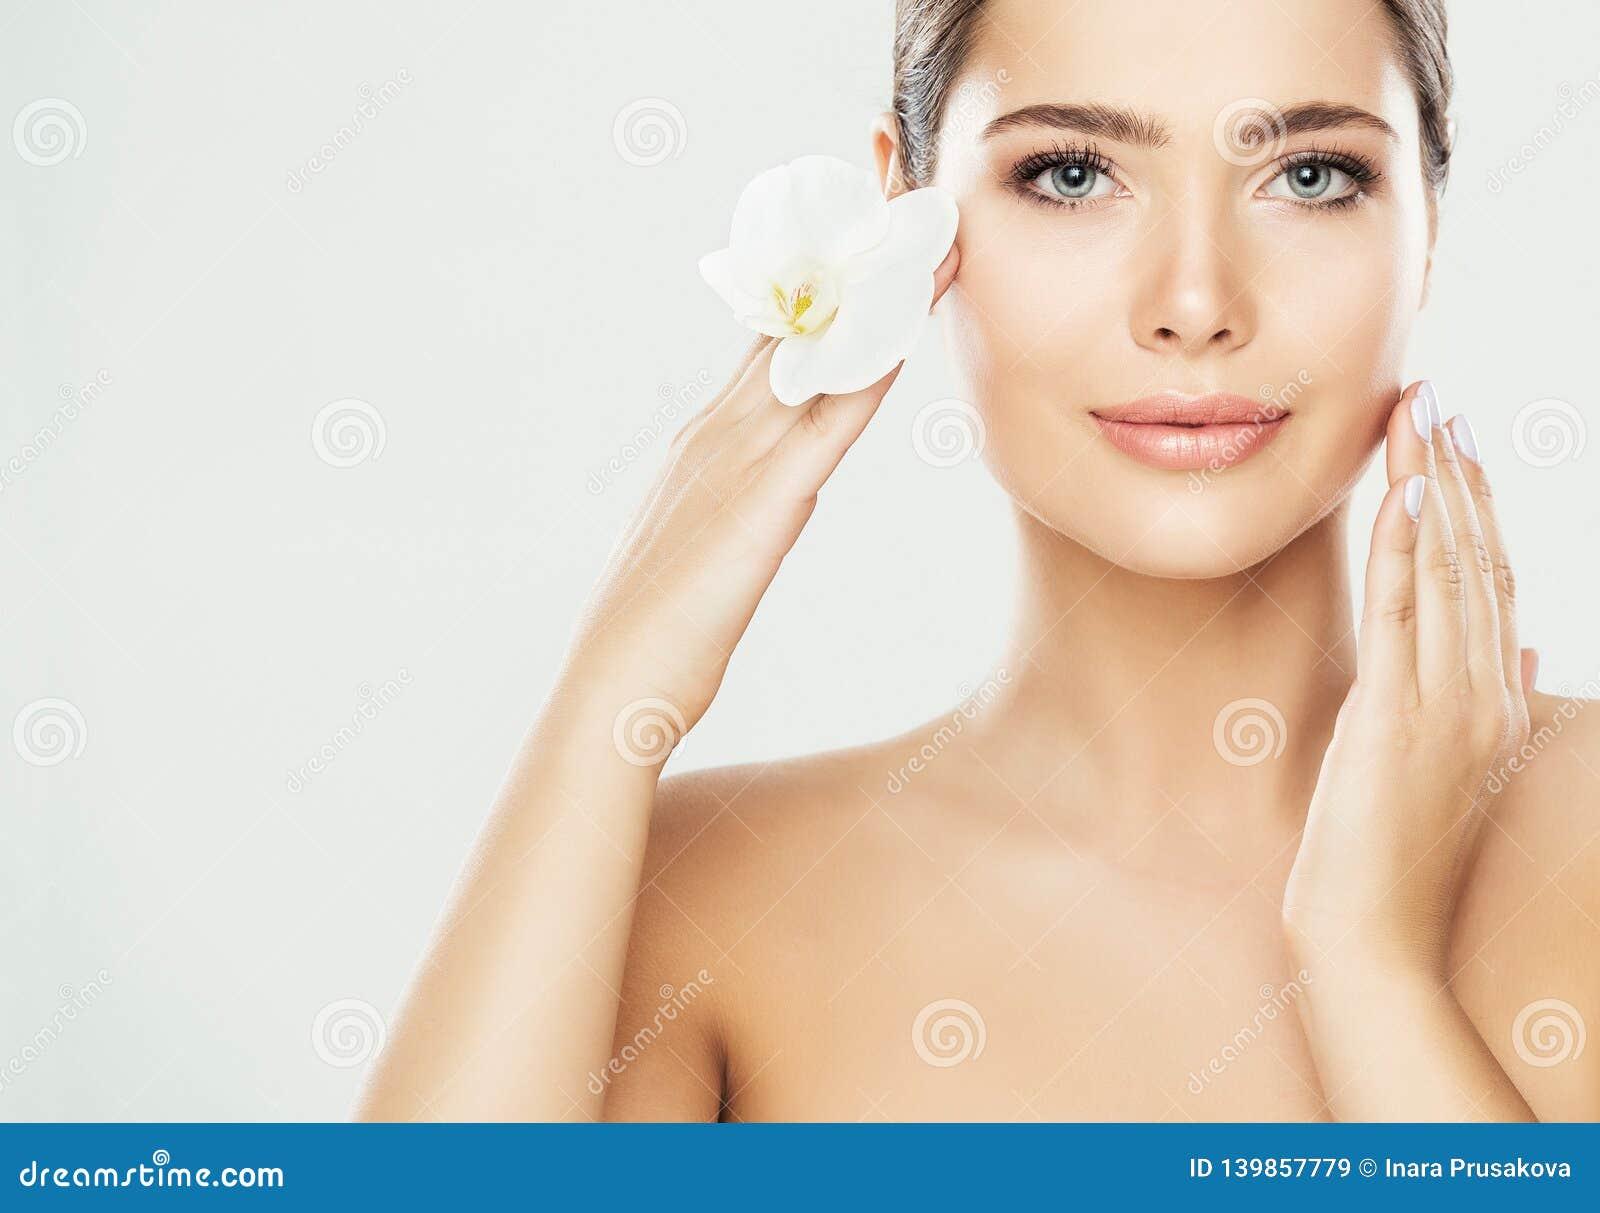 Περίθαλψη προσώπου ομορφιάς γυναικών, πρότυπο σχετικά με το λαιμό, όμορφη πρότυπη επεξεργασία δερμάτων και καλλυντικό